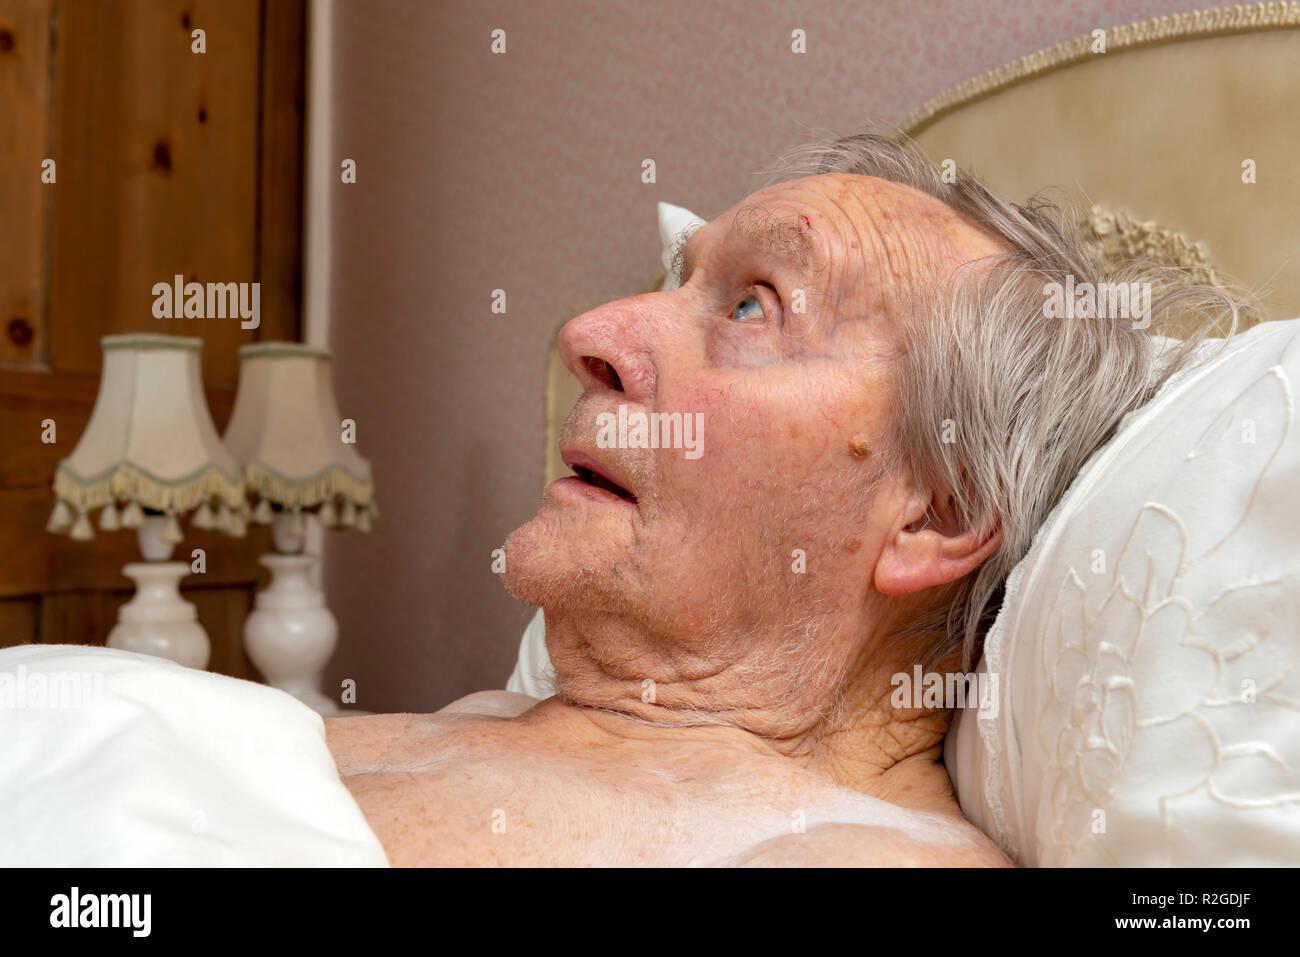 92-year old man unable to sleep - Stock Image